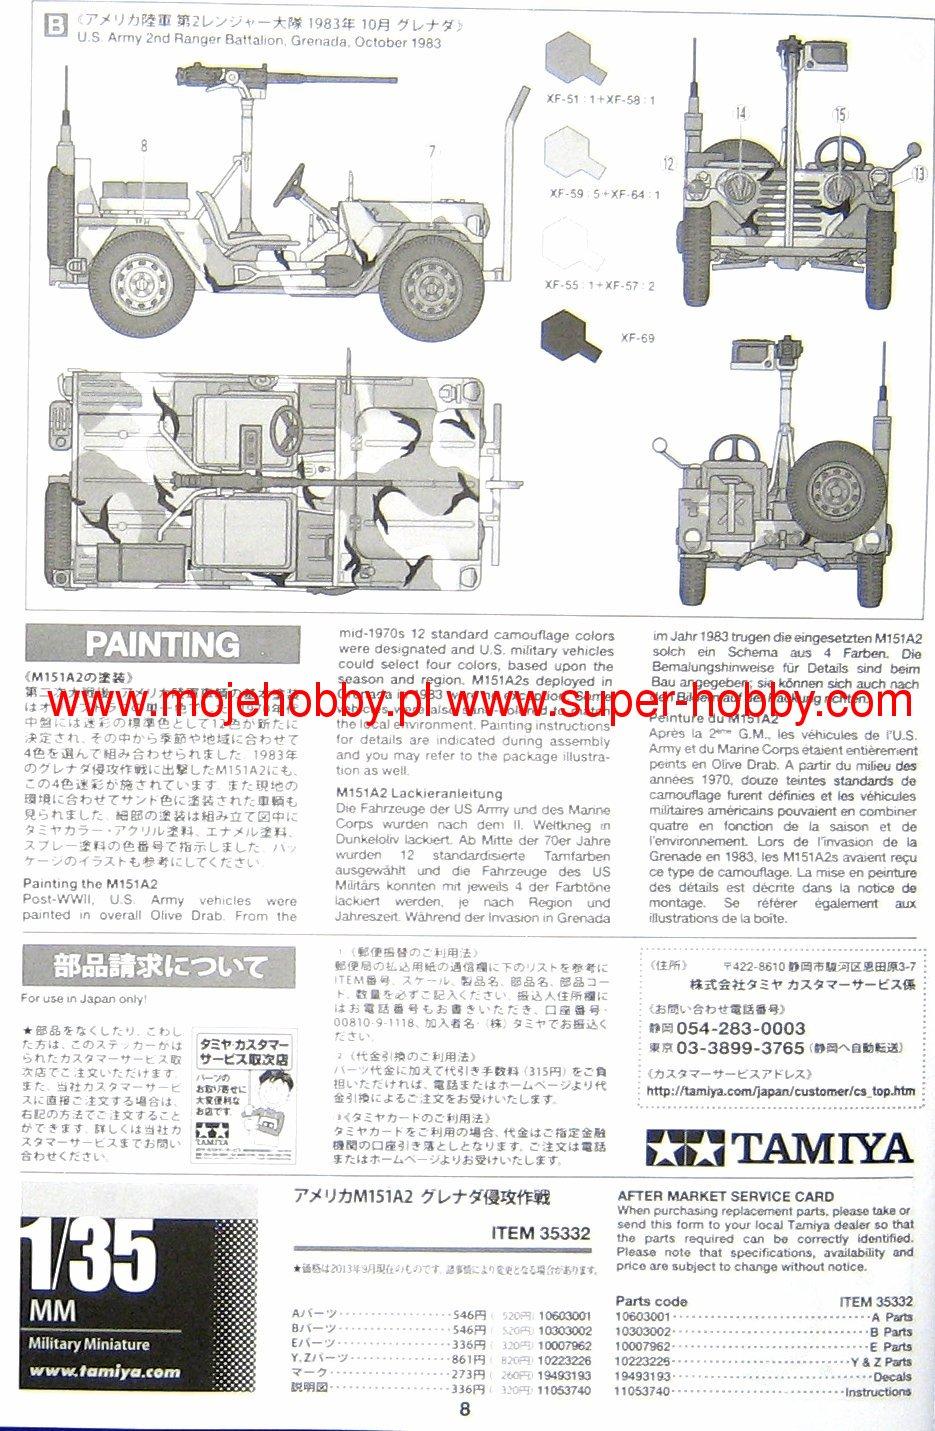 American Utility Truck M151A2 (Grenada 1983) Tamiya 35332